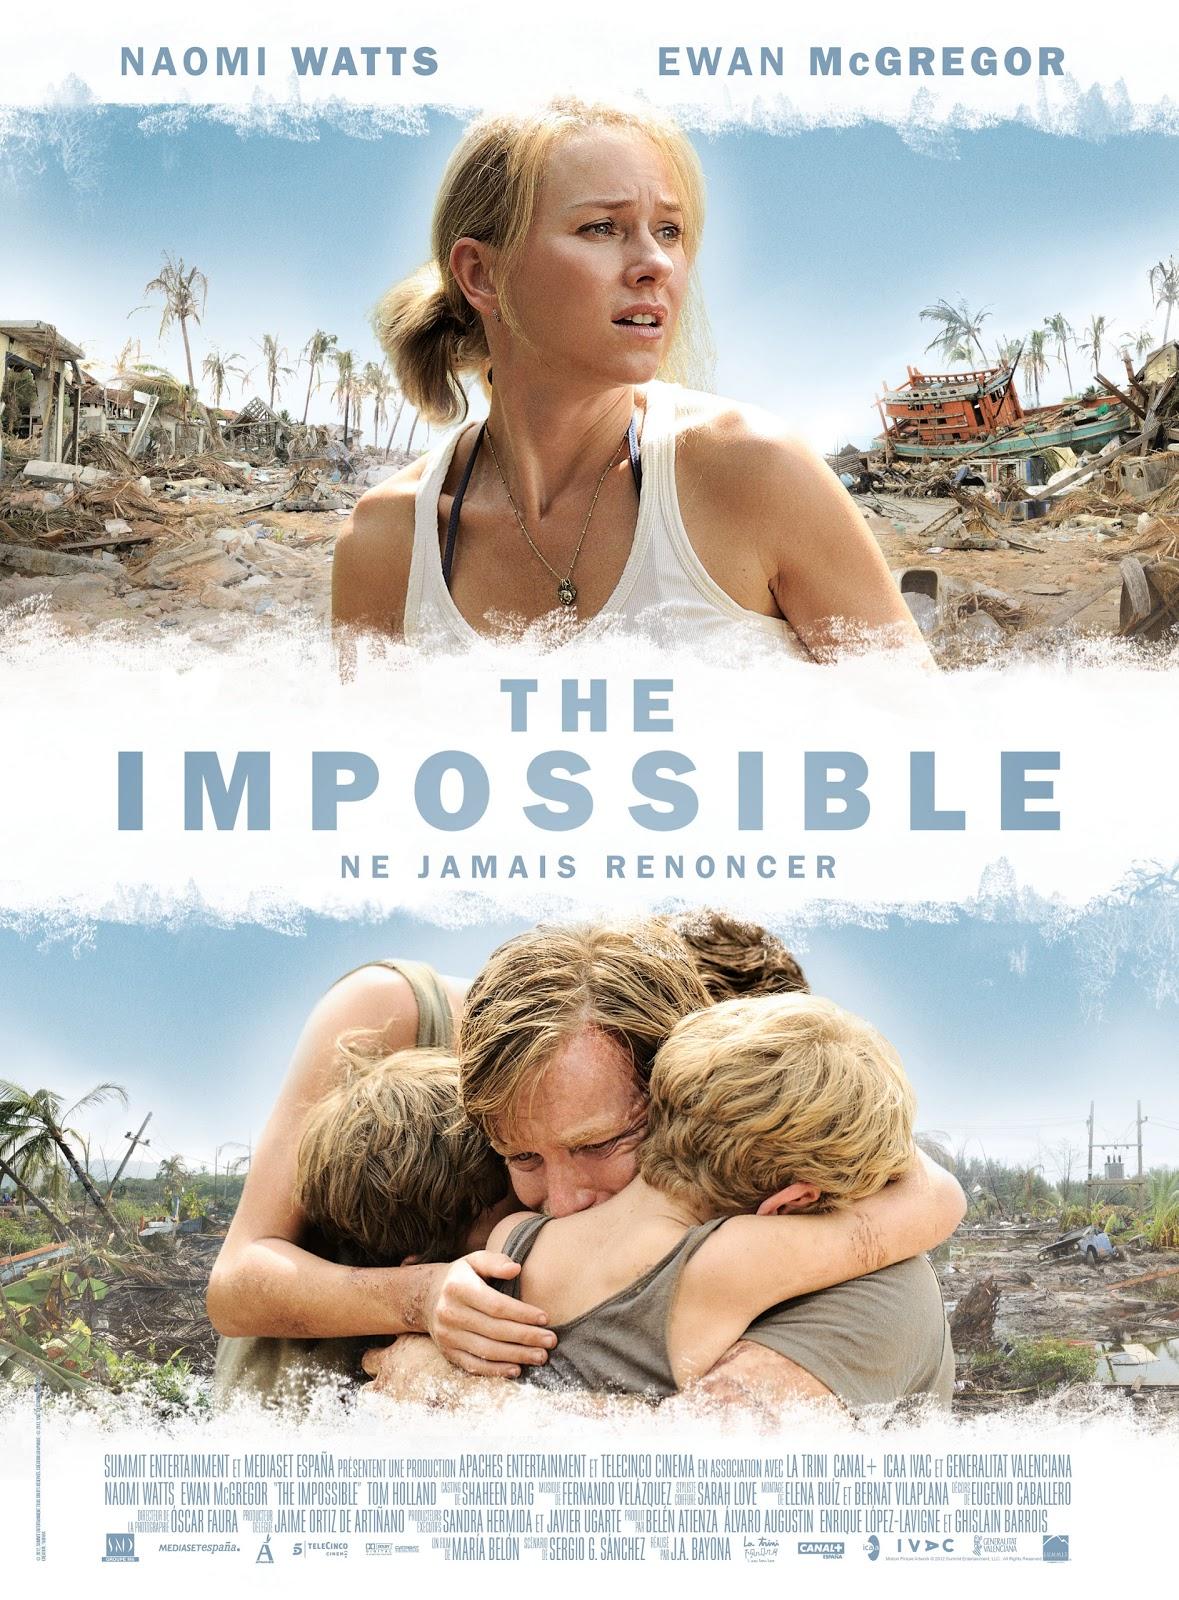 http://4.bp.blogspot.com/-X3UuJJ8Bw-A/UH05j8SSFBI/AAAAAAAAUSM/WWtpvH4-_RM/s1600/The-Impossible-International-Poster.jpg